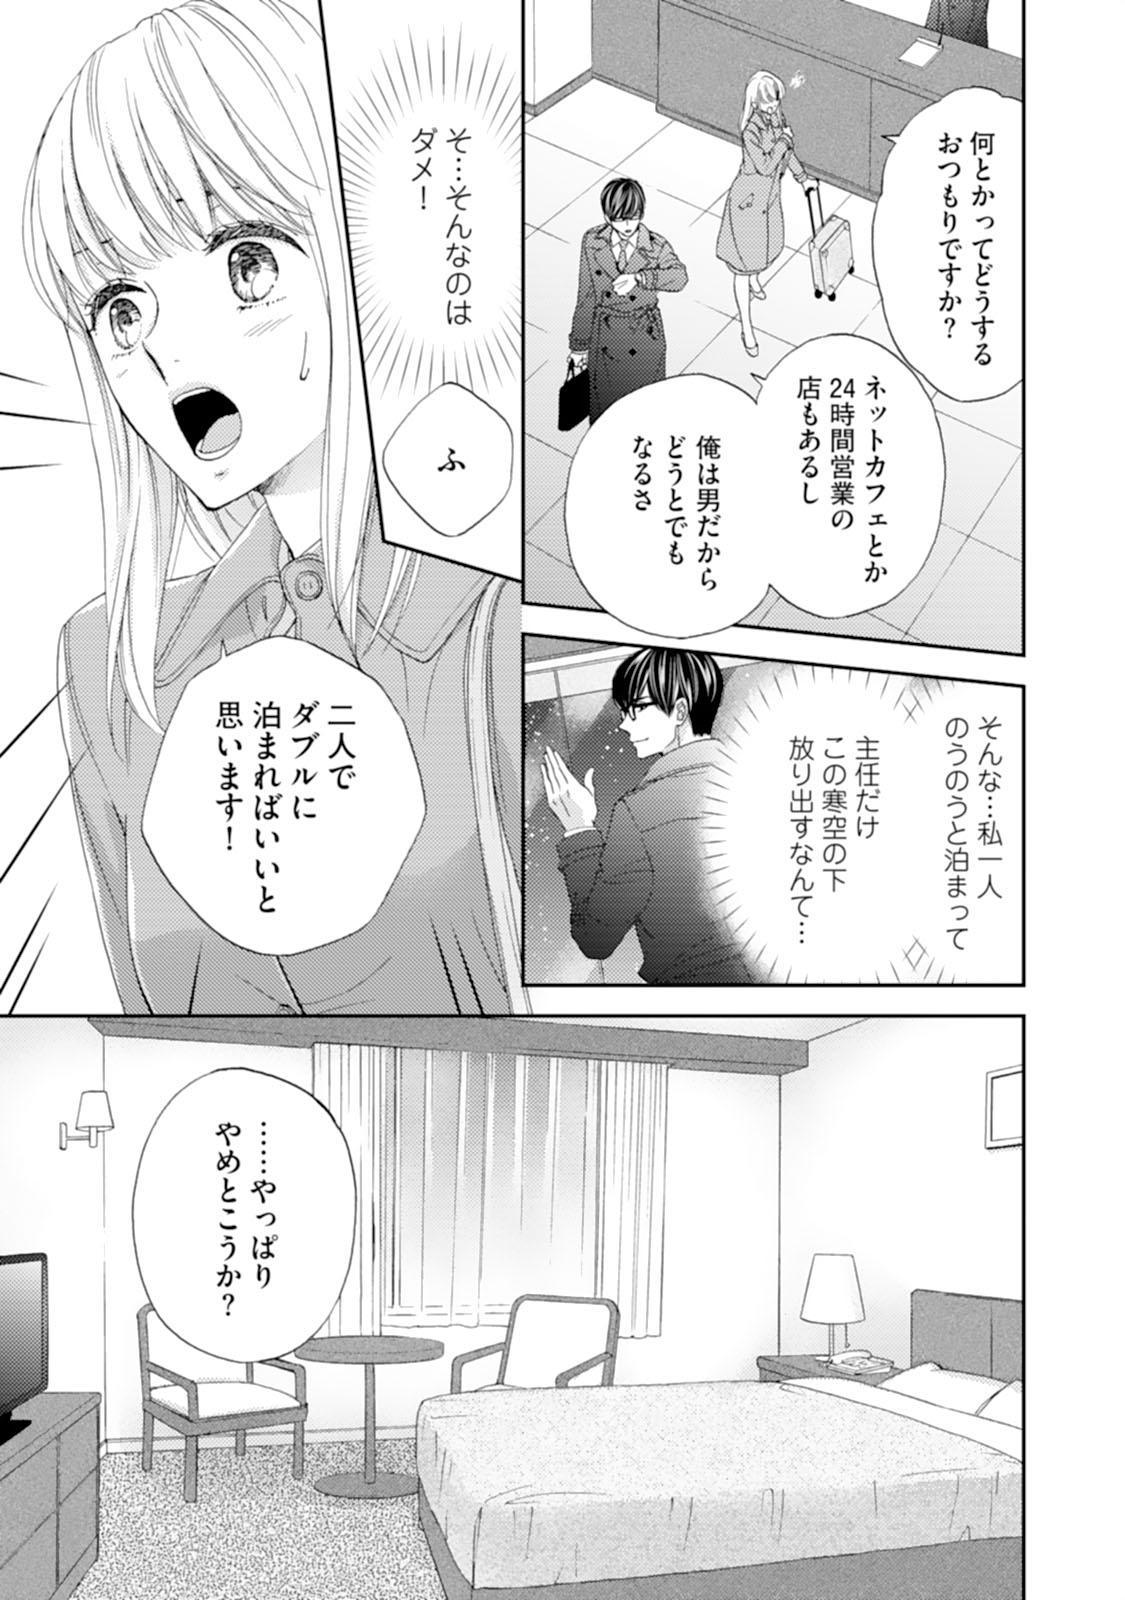 [Adumi Yuu] Choukyou-kei Danshi Ookami-sama to Koneko-chan Ch. 1-3 10